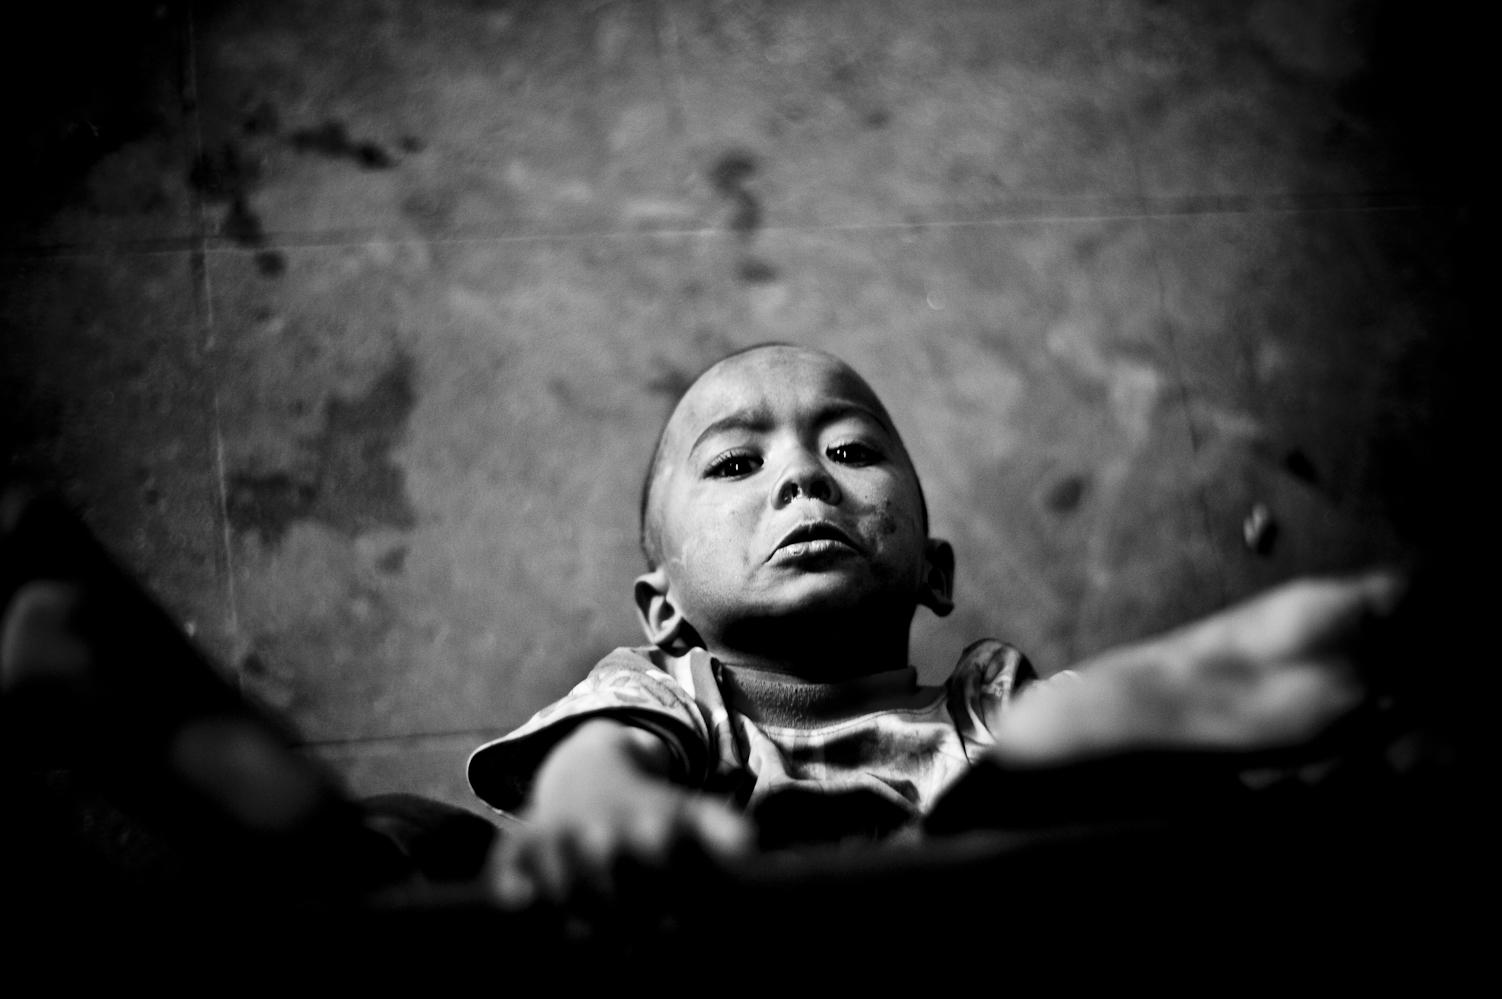 les enfants perdus de kamandou-7